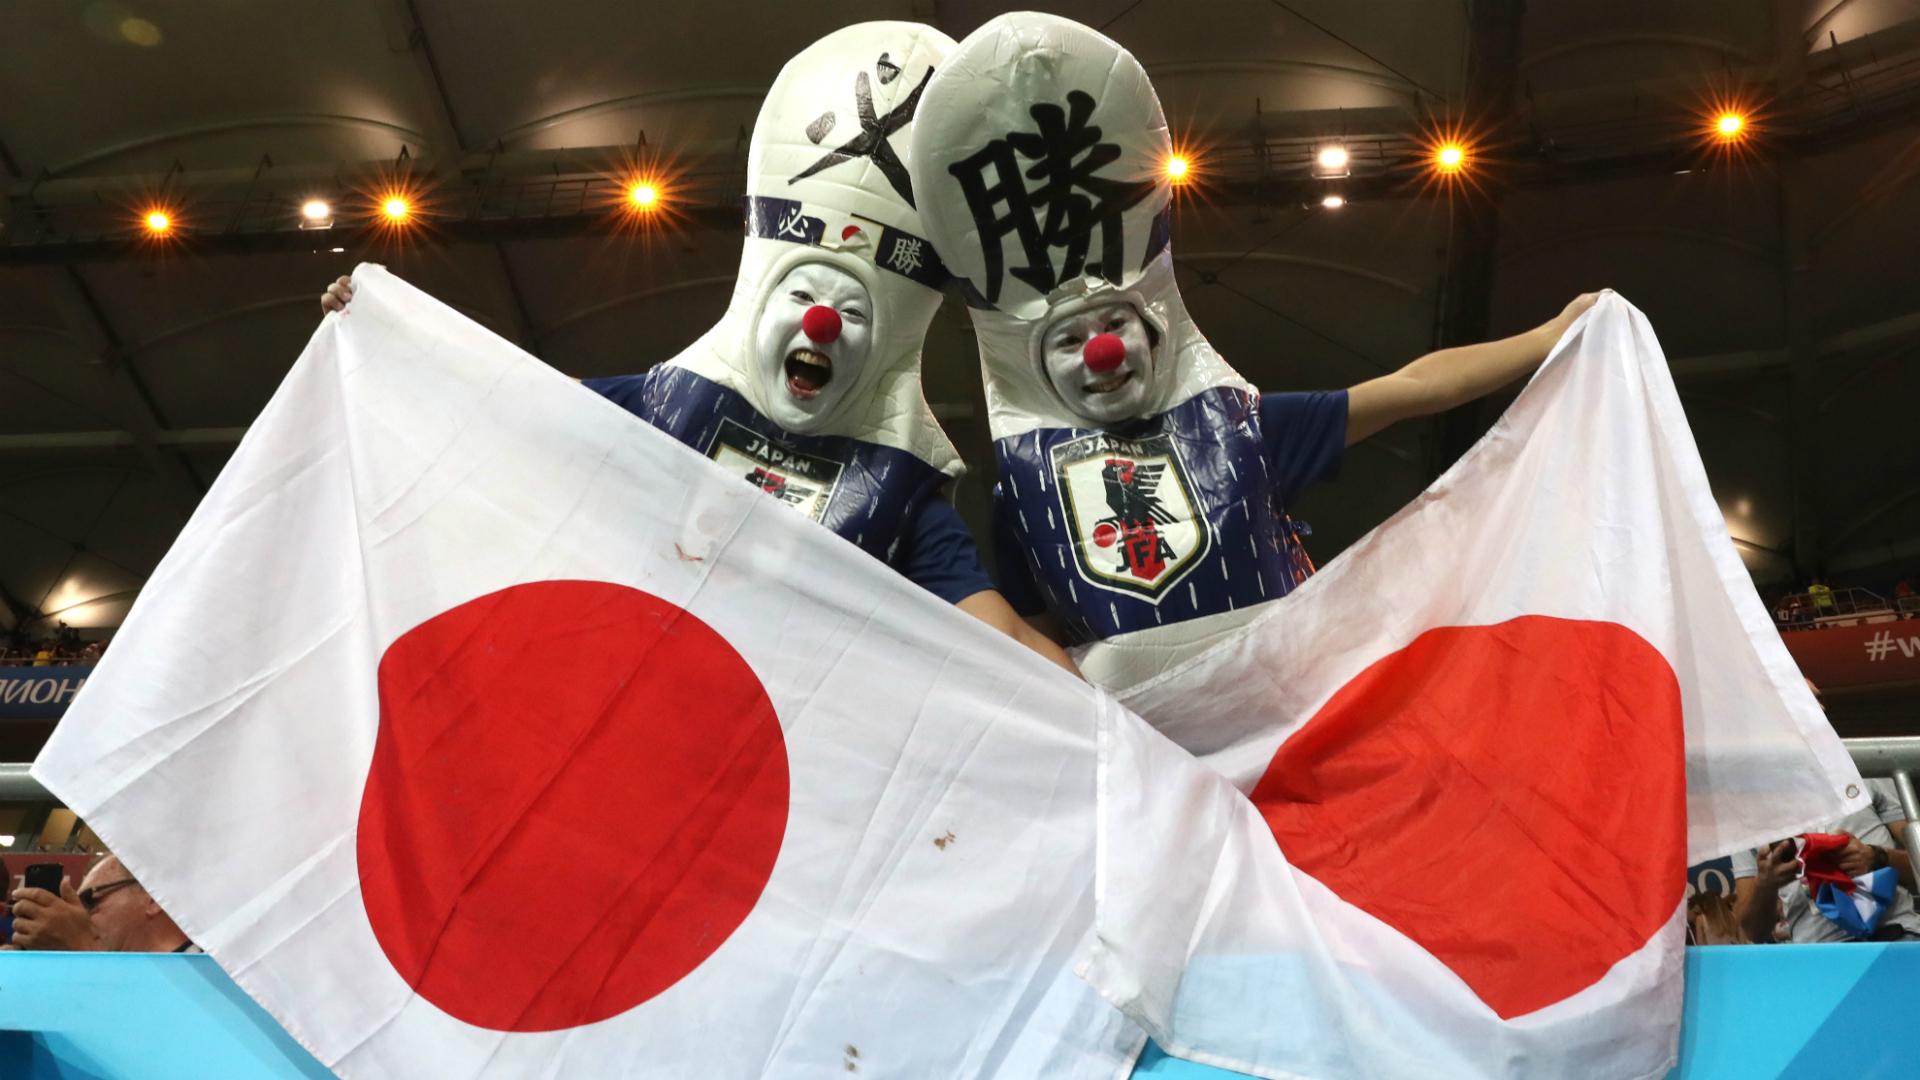 Japón fans